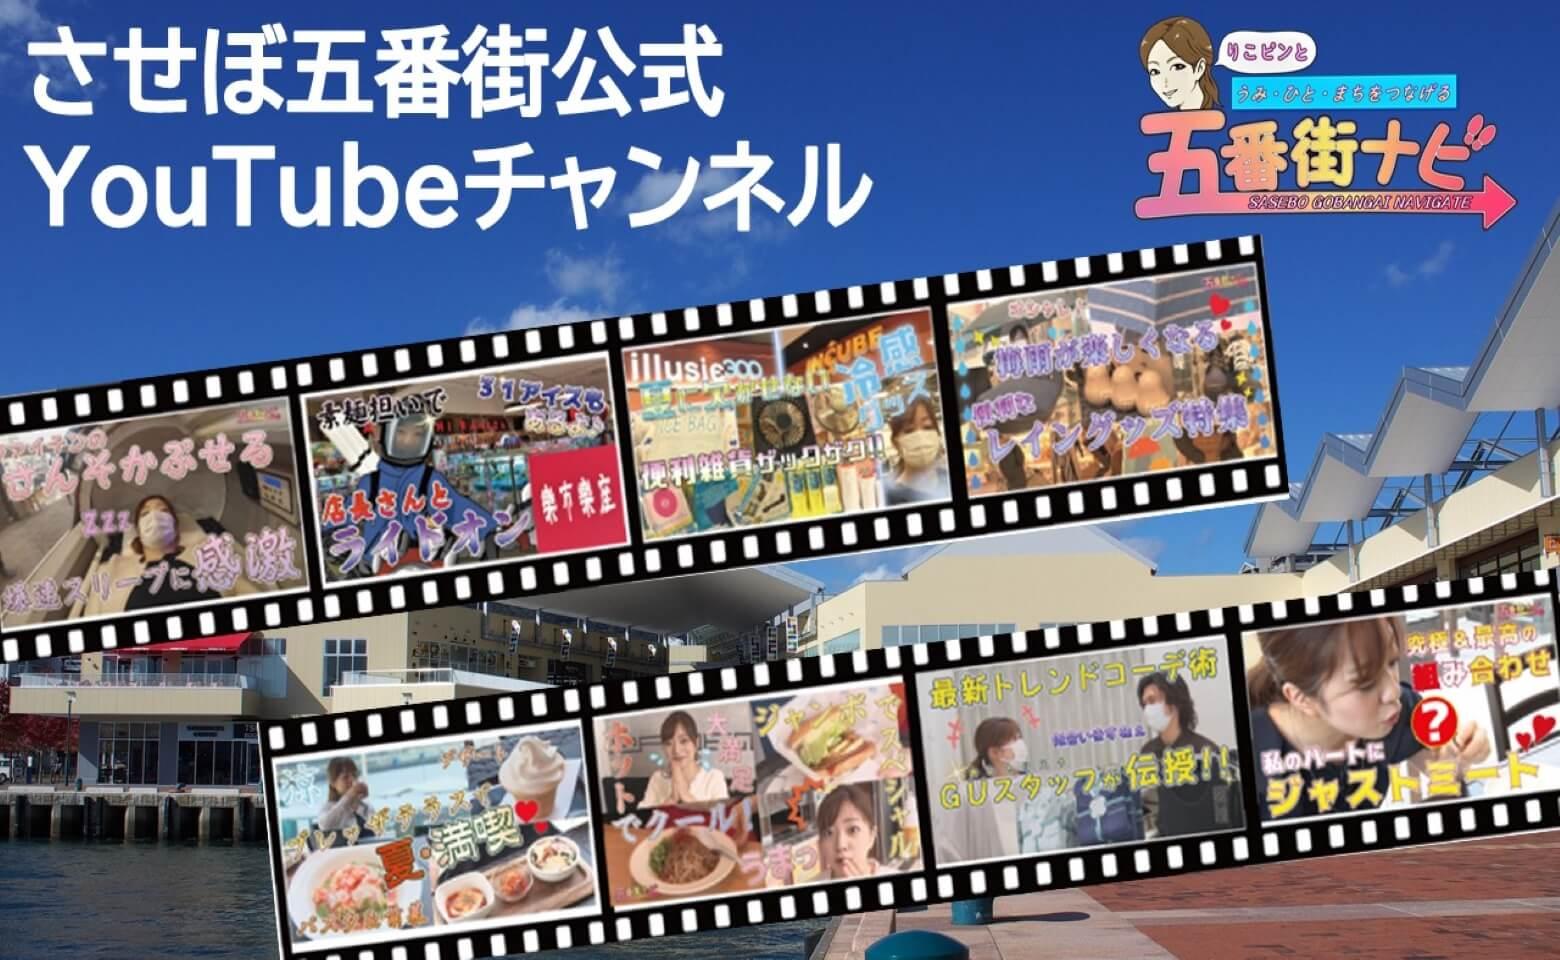 させぼ五番街公式YouTubeチャンネル